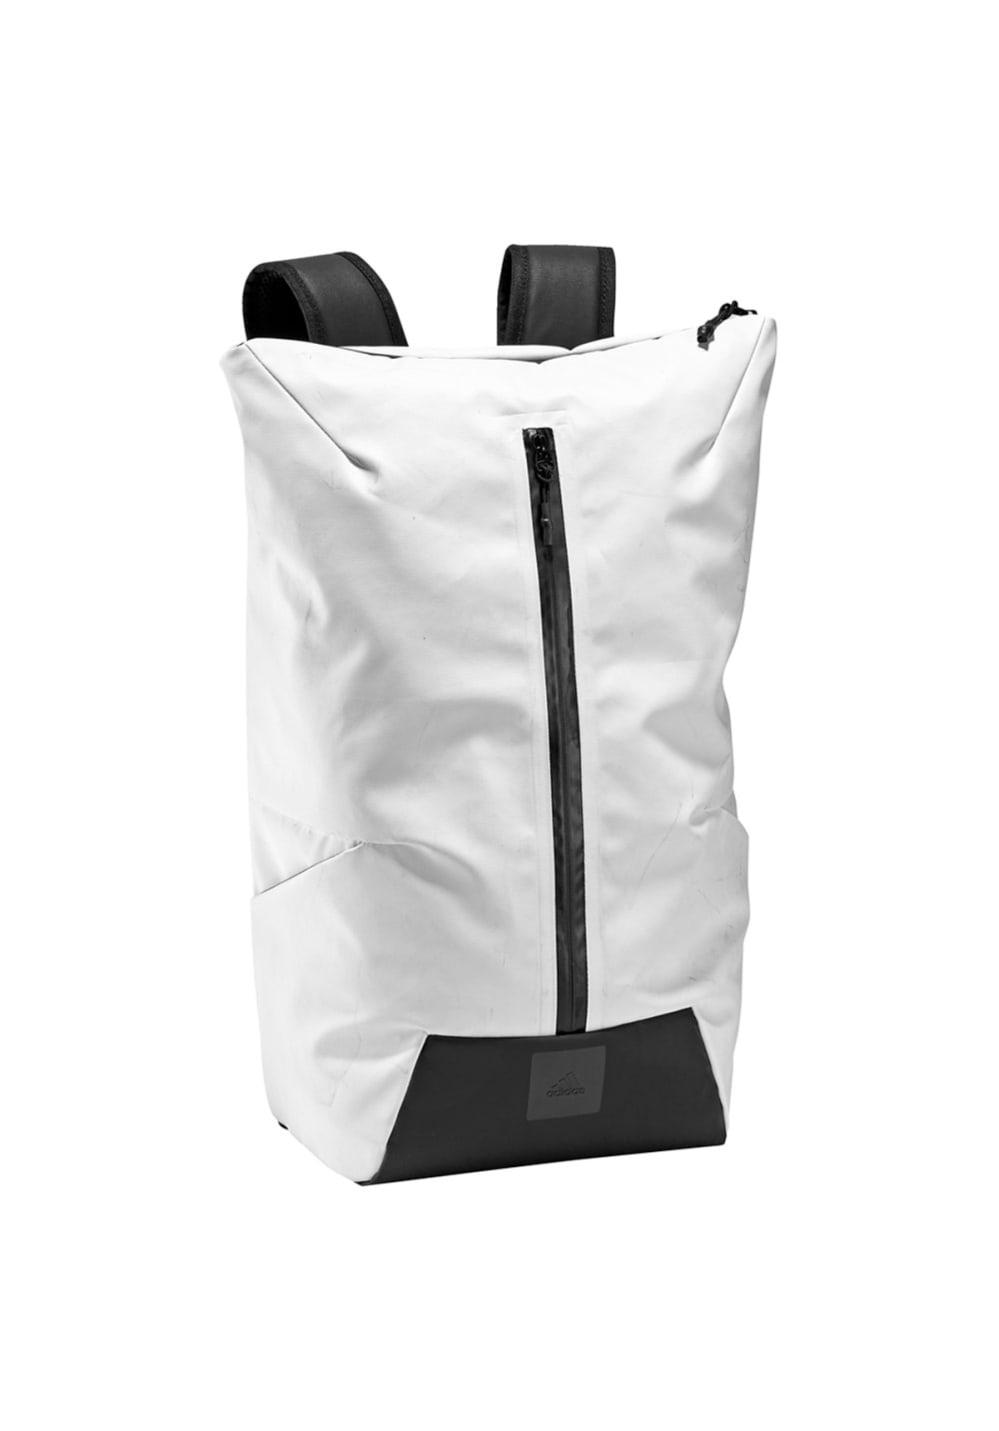 3c0b70e01bef adidas Z.N.E. Backpack - Backpacks for Men - White